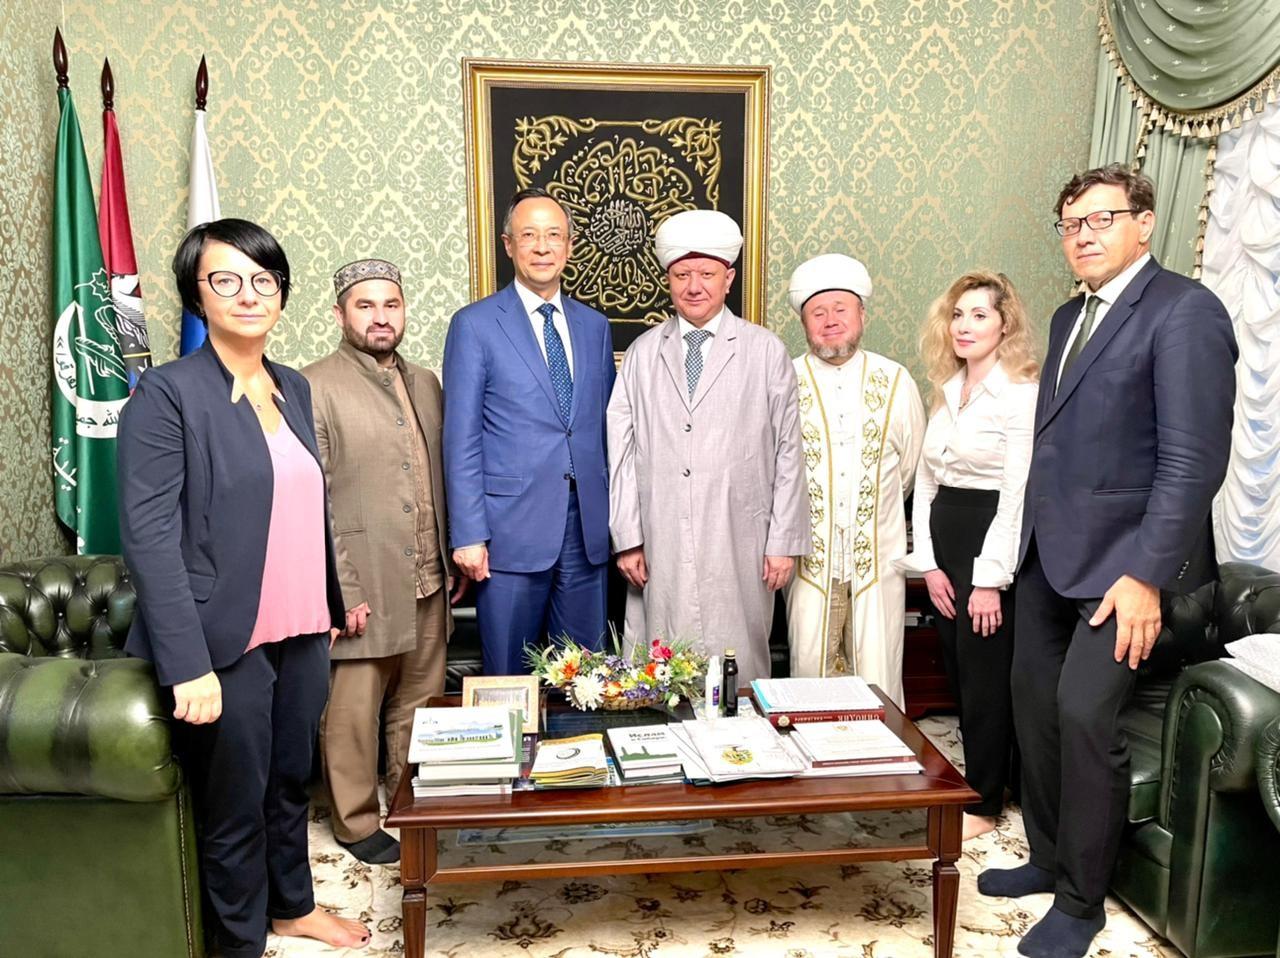 ДСМР и ОБСЕ выходят на новый уровень сотрудничества